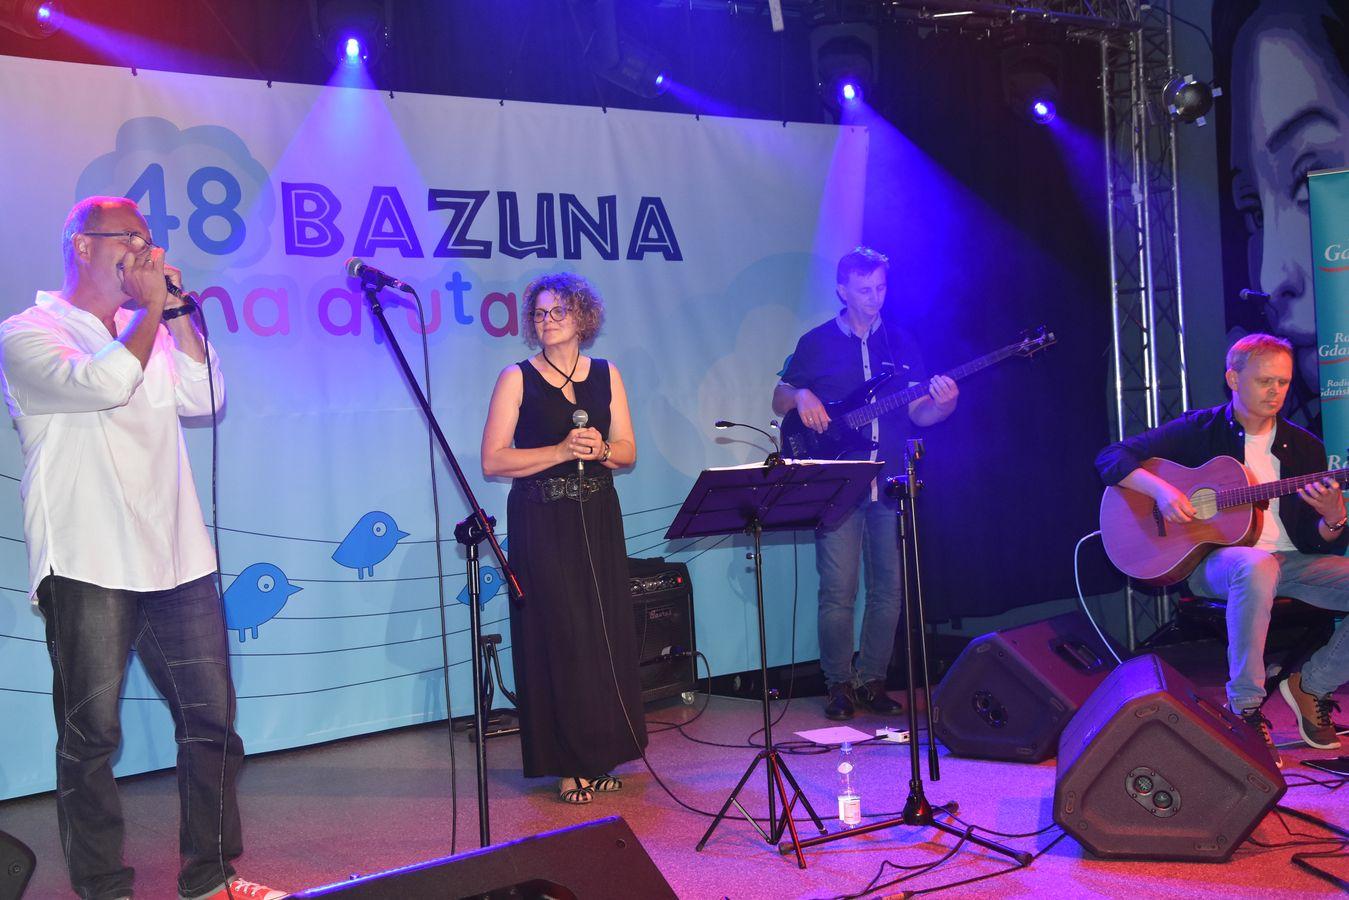 BAZUNA 2020 sobota Fot_J_WikowskiA31_0890